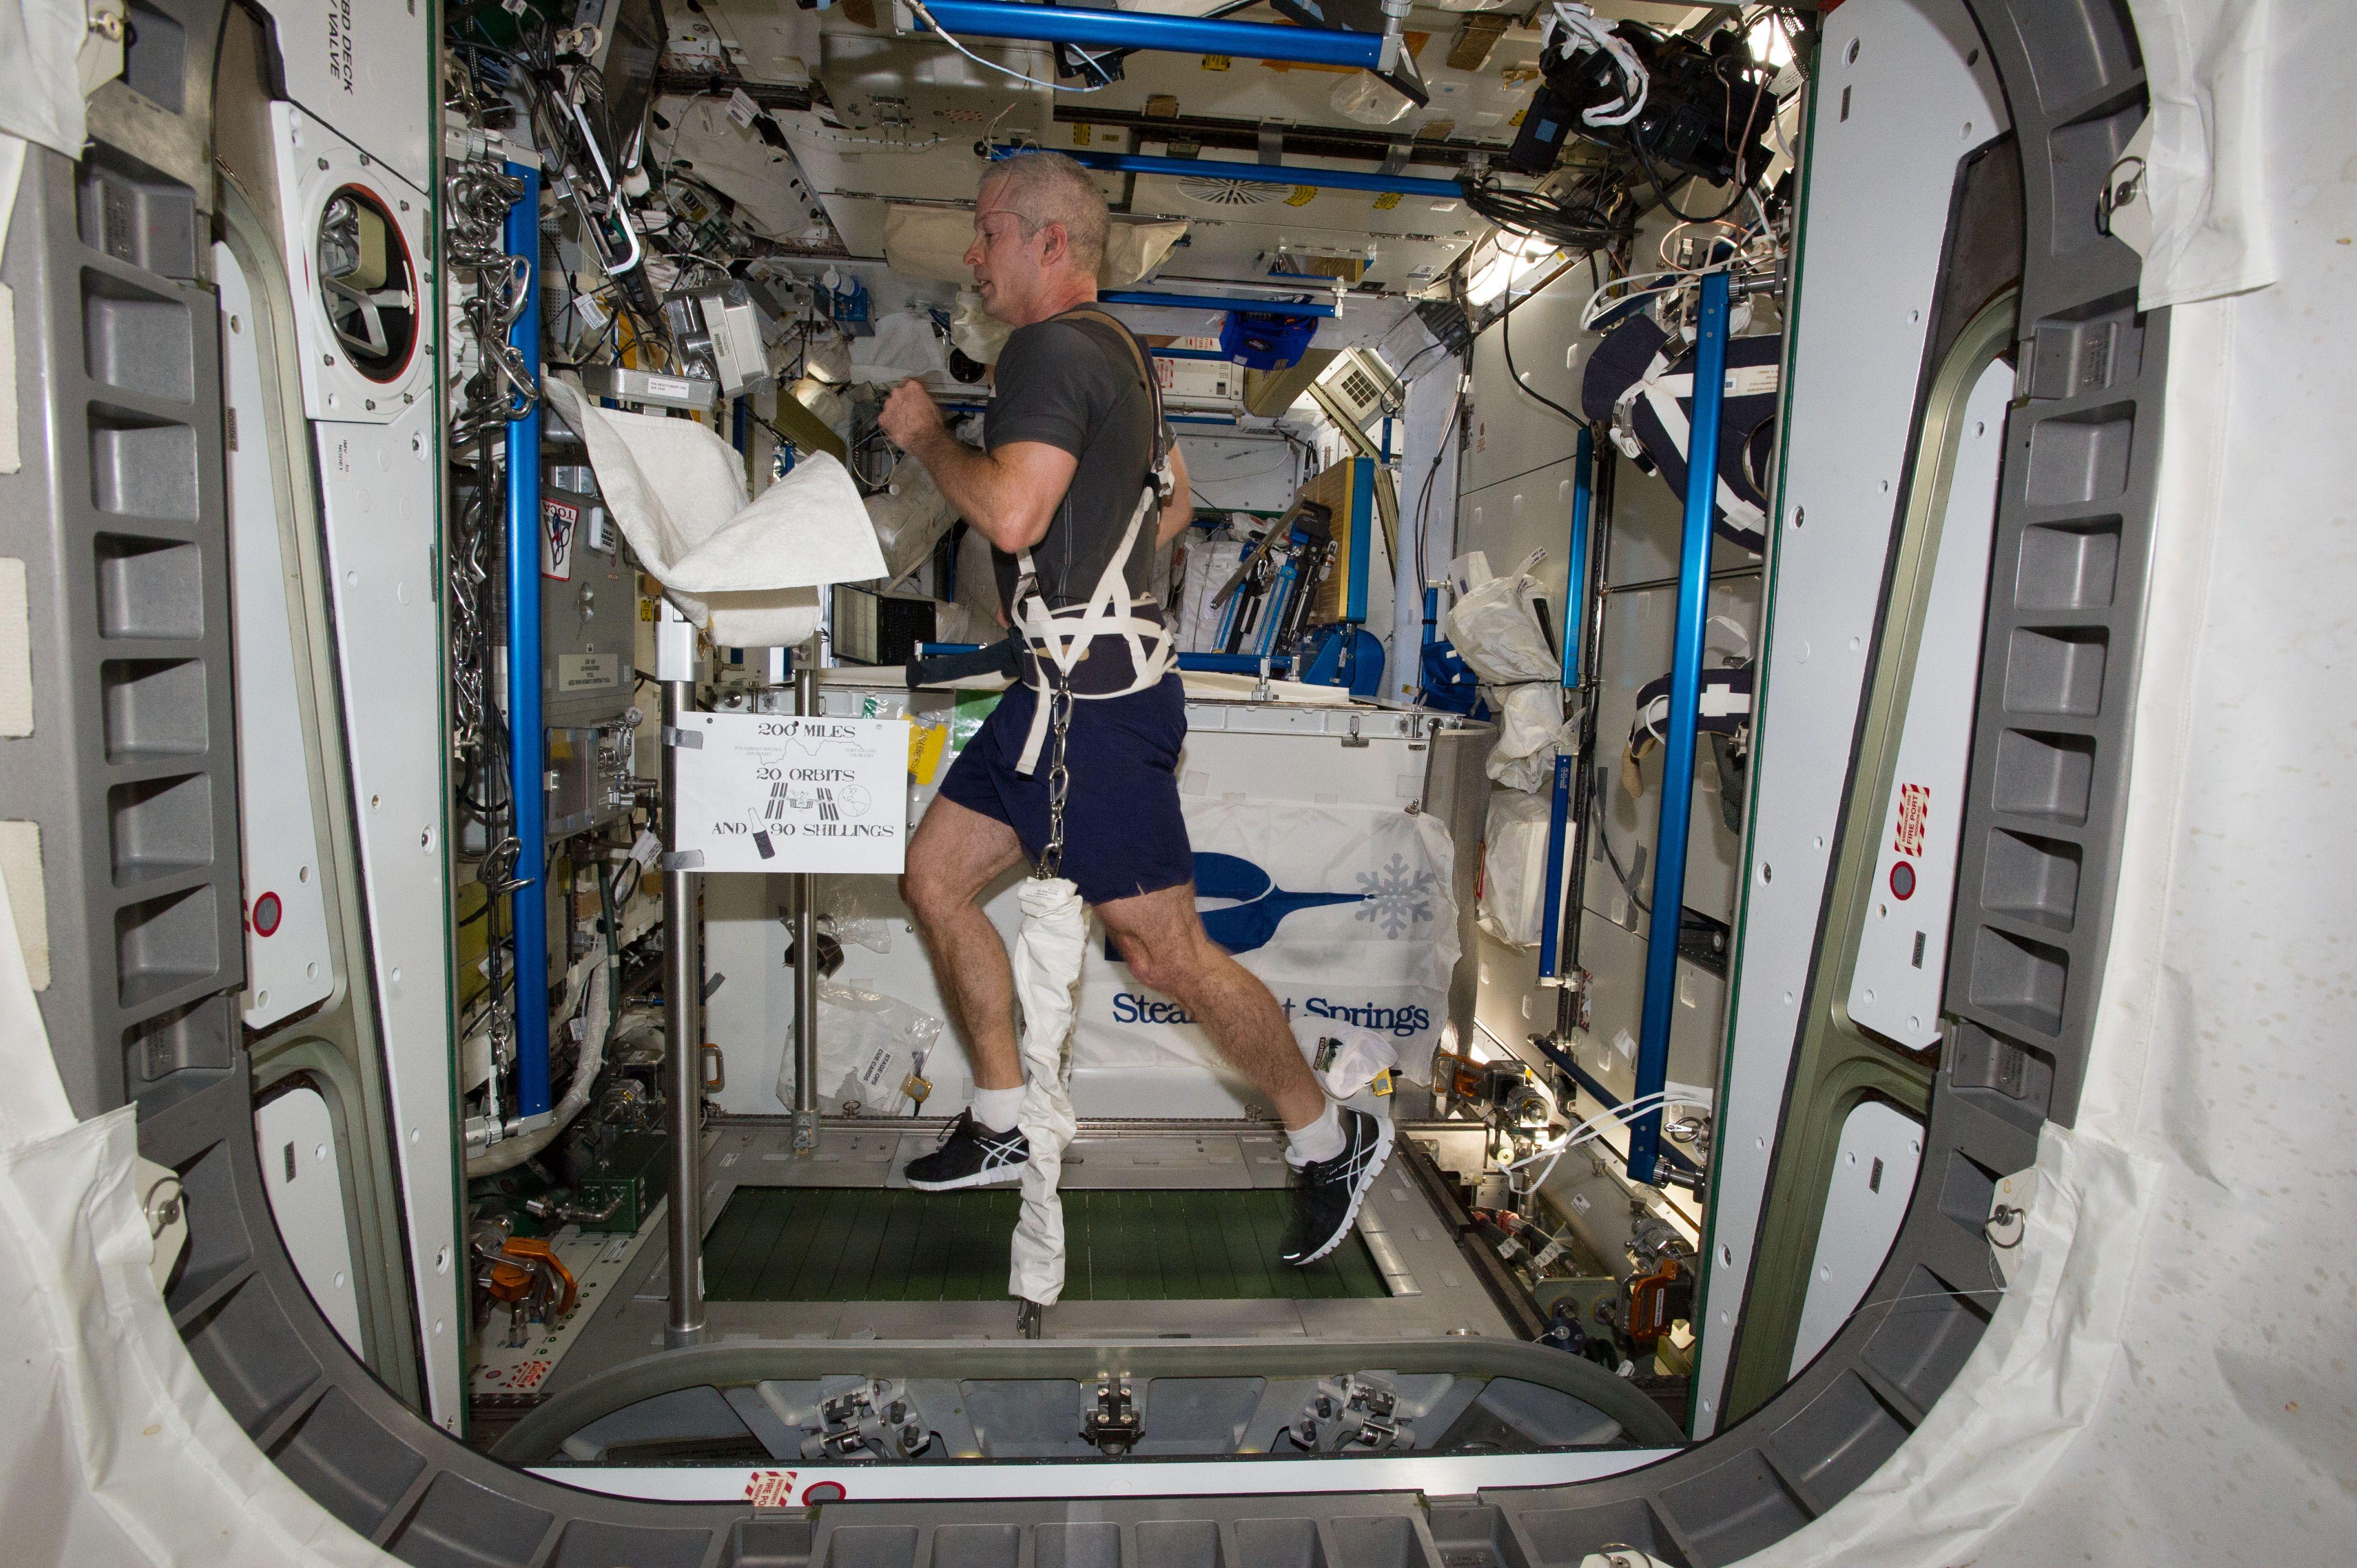 Entenda quais são os problemas de saúde que astronautas sofrem no espaço